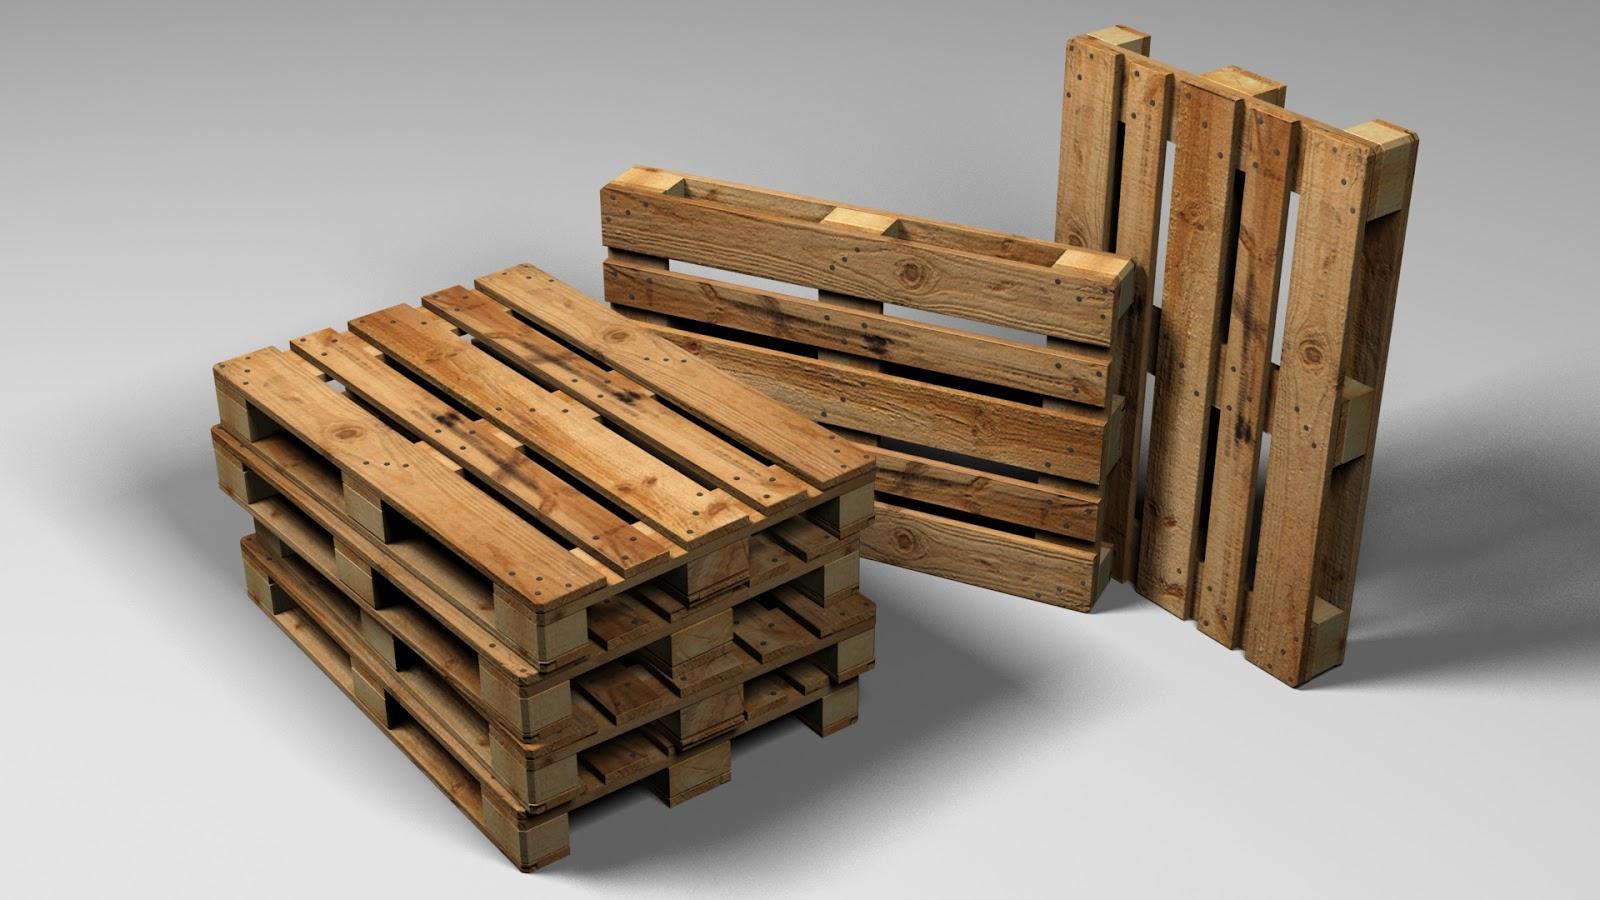 la industria de la paquetera y de los palets necesita trabajar con materiales verdes